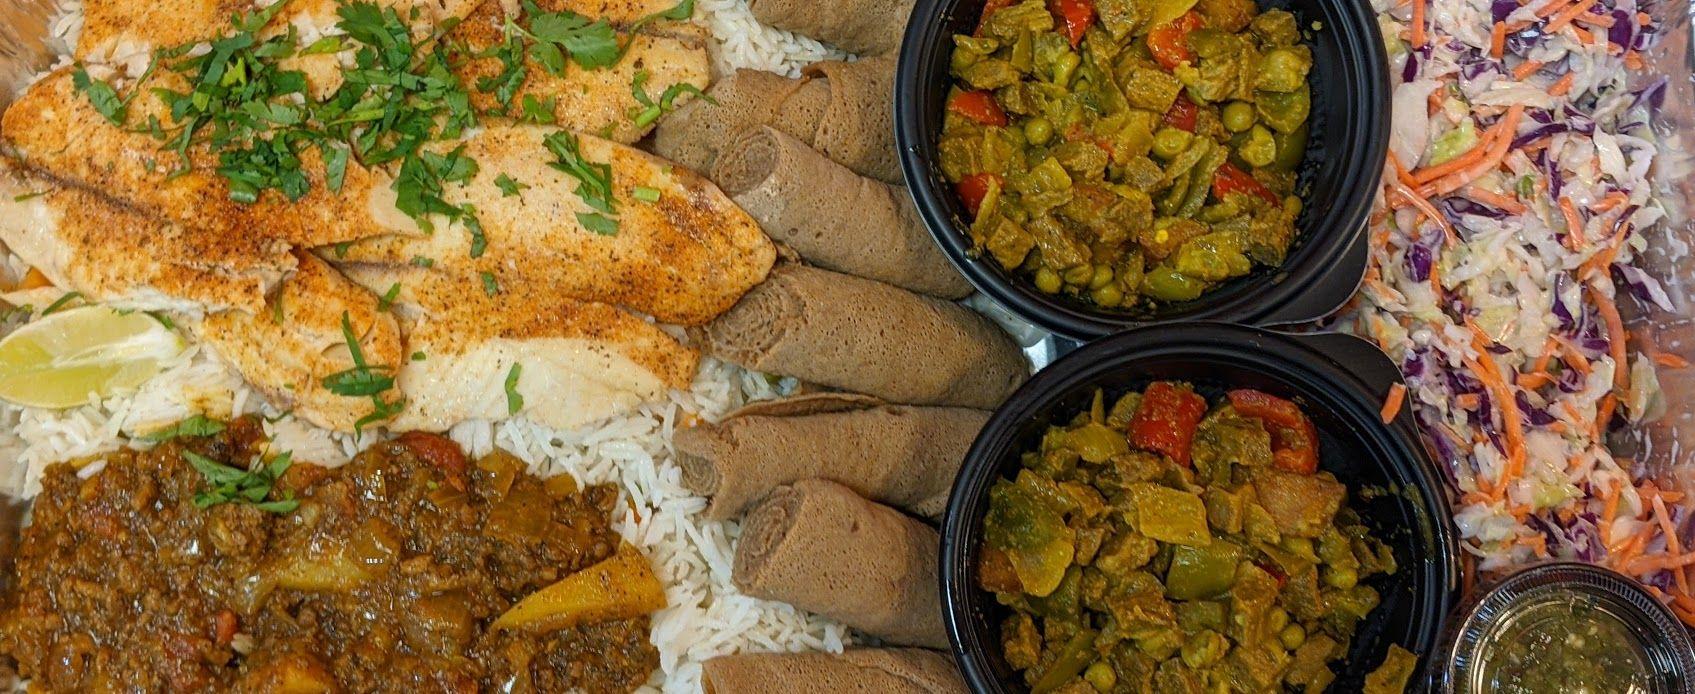 Feeding Community Home Delivered Meals Program